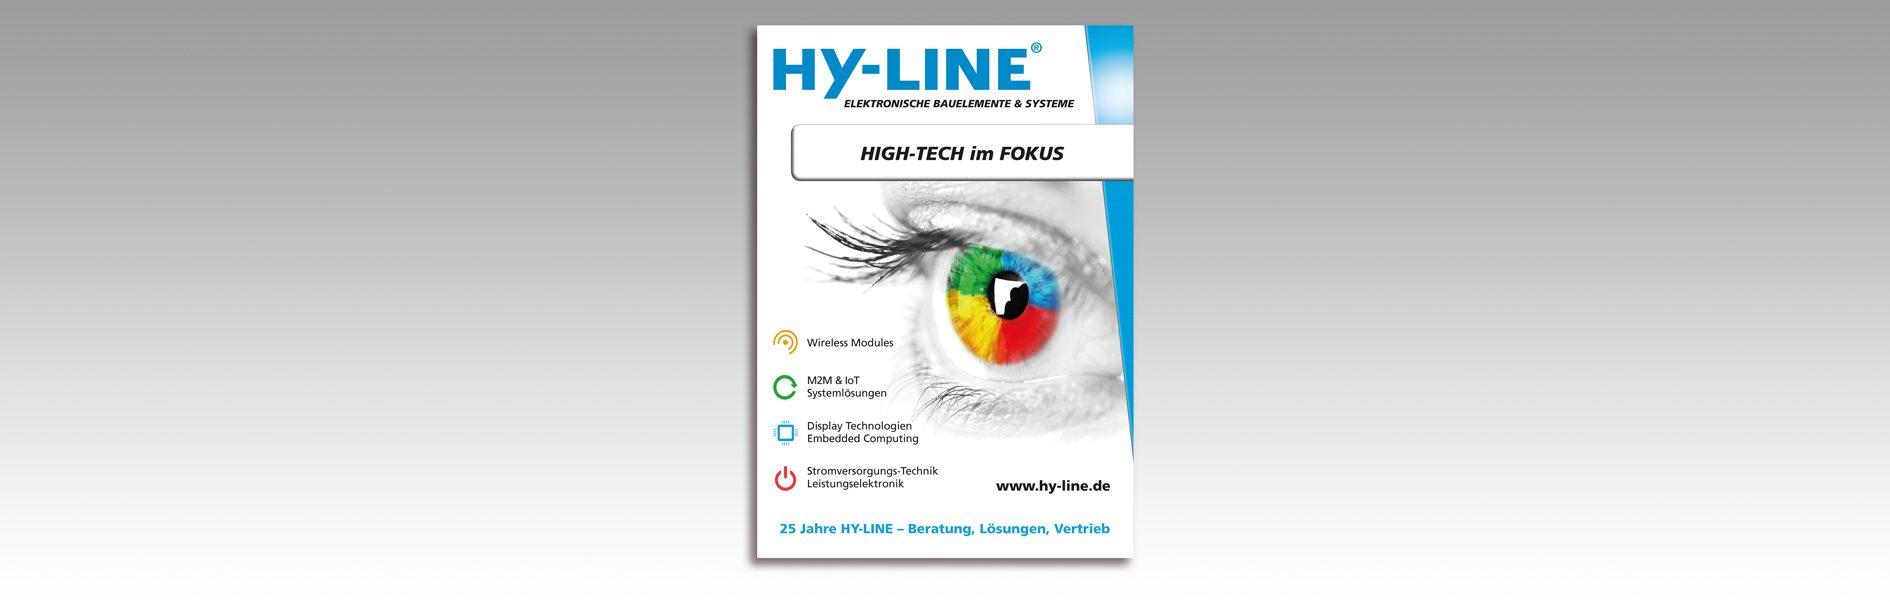 Hier ist die neue HY-LINE Group Anzeige abgebildet.